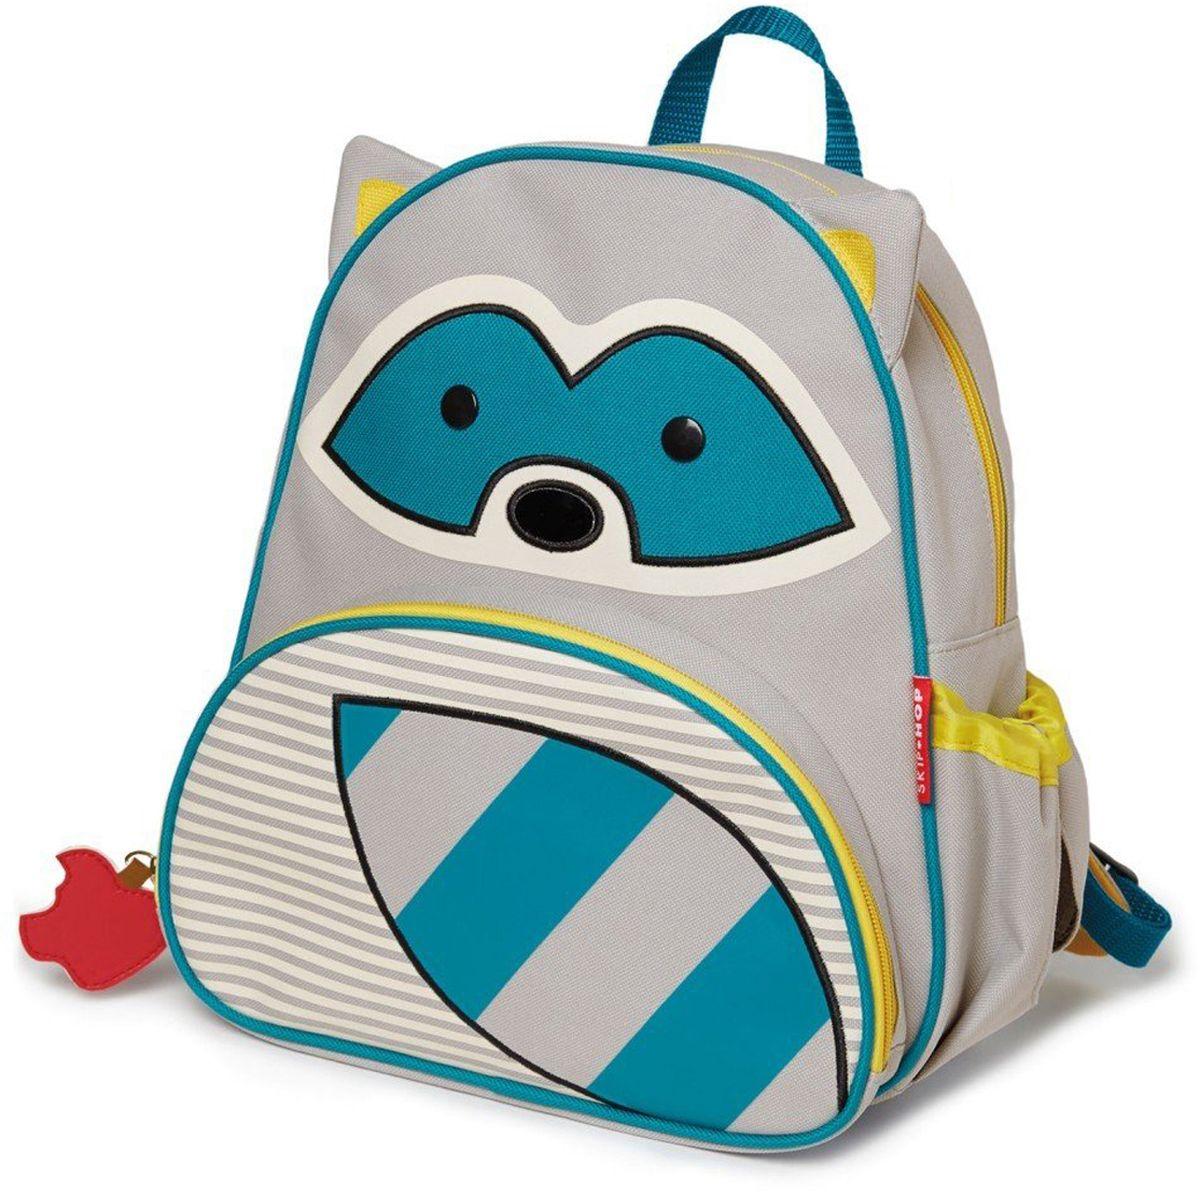 Skip Hop Рюкзак дошкольный ЕнотSH 210229Дошкольный рюкзак Skip Hop каждый день будет радовать вашего малыша, вызывать улыбки у прохожих и зависть у сверстников. С ним можно ходить в детский сад, на прогулку, в гости к бабушке или ездить на экскурсии.Рюкзак имеет одно основное отделение на застежке-молнии, в которое легко поместятся книжка, альбом для рисования, краски, фломастеры, любимая игрушка и контейнер с едой, а кармашек сбоку предназначен специально для бутылочки с водой. Передний карман на молнии предназначен для мелких вещей.Рюкзак оснащен ручкой для переноски в руках и лямками регулируемой длины.